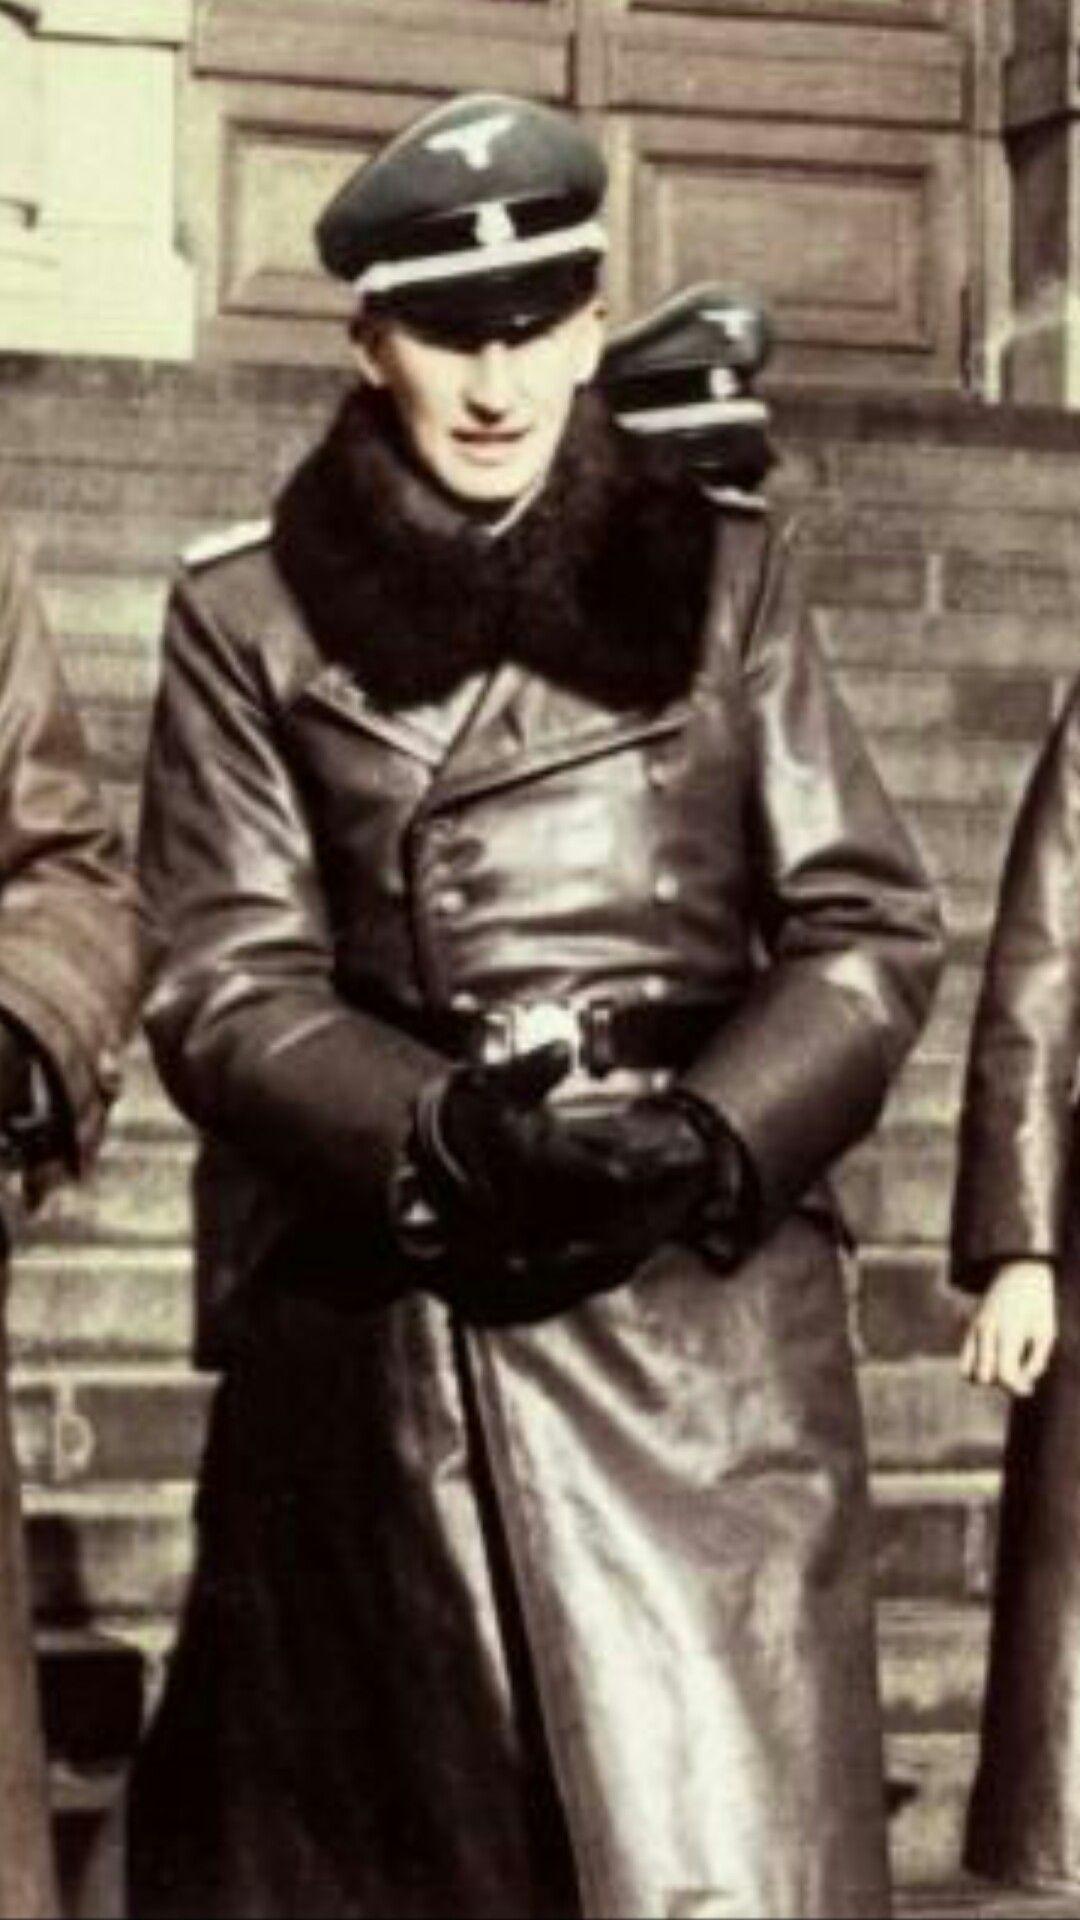 Reinhard Heydrich | Reinhard Heydrich